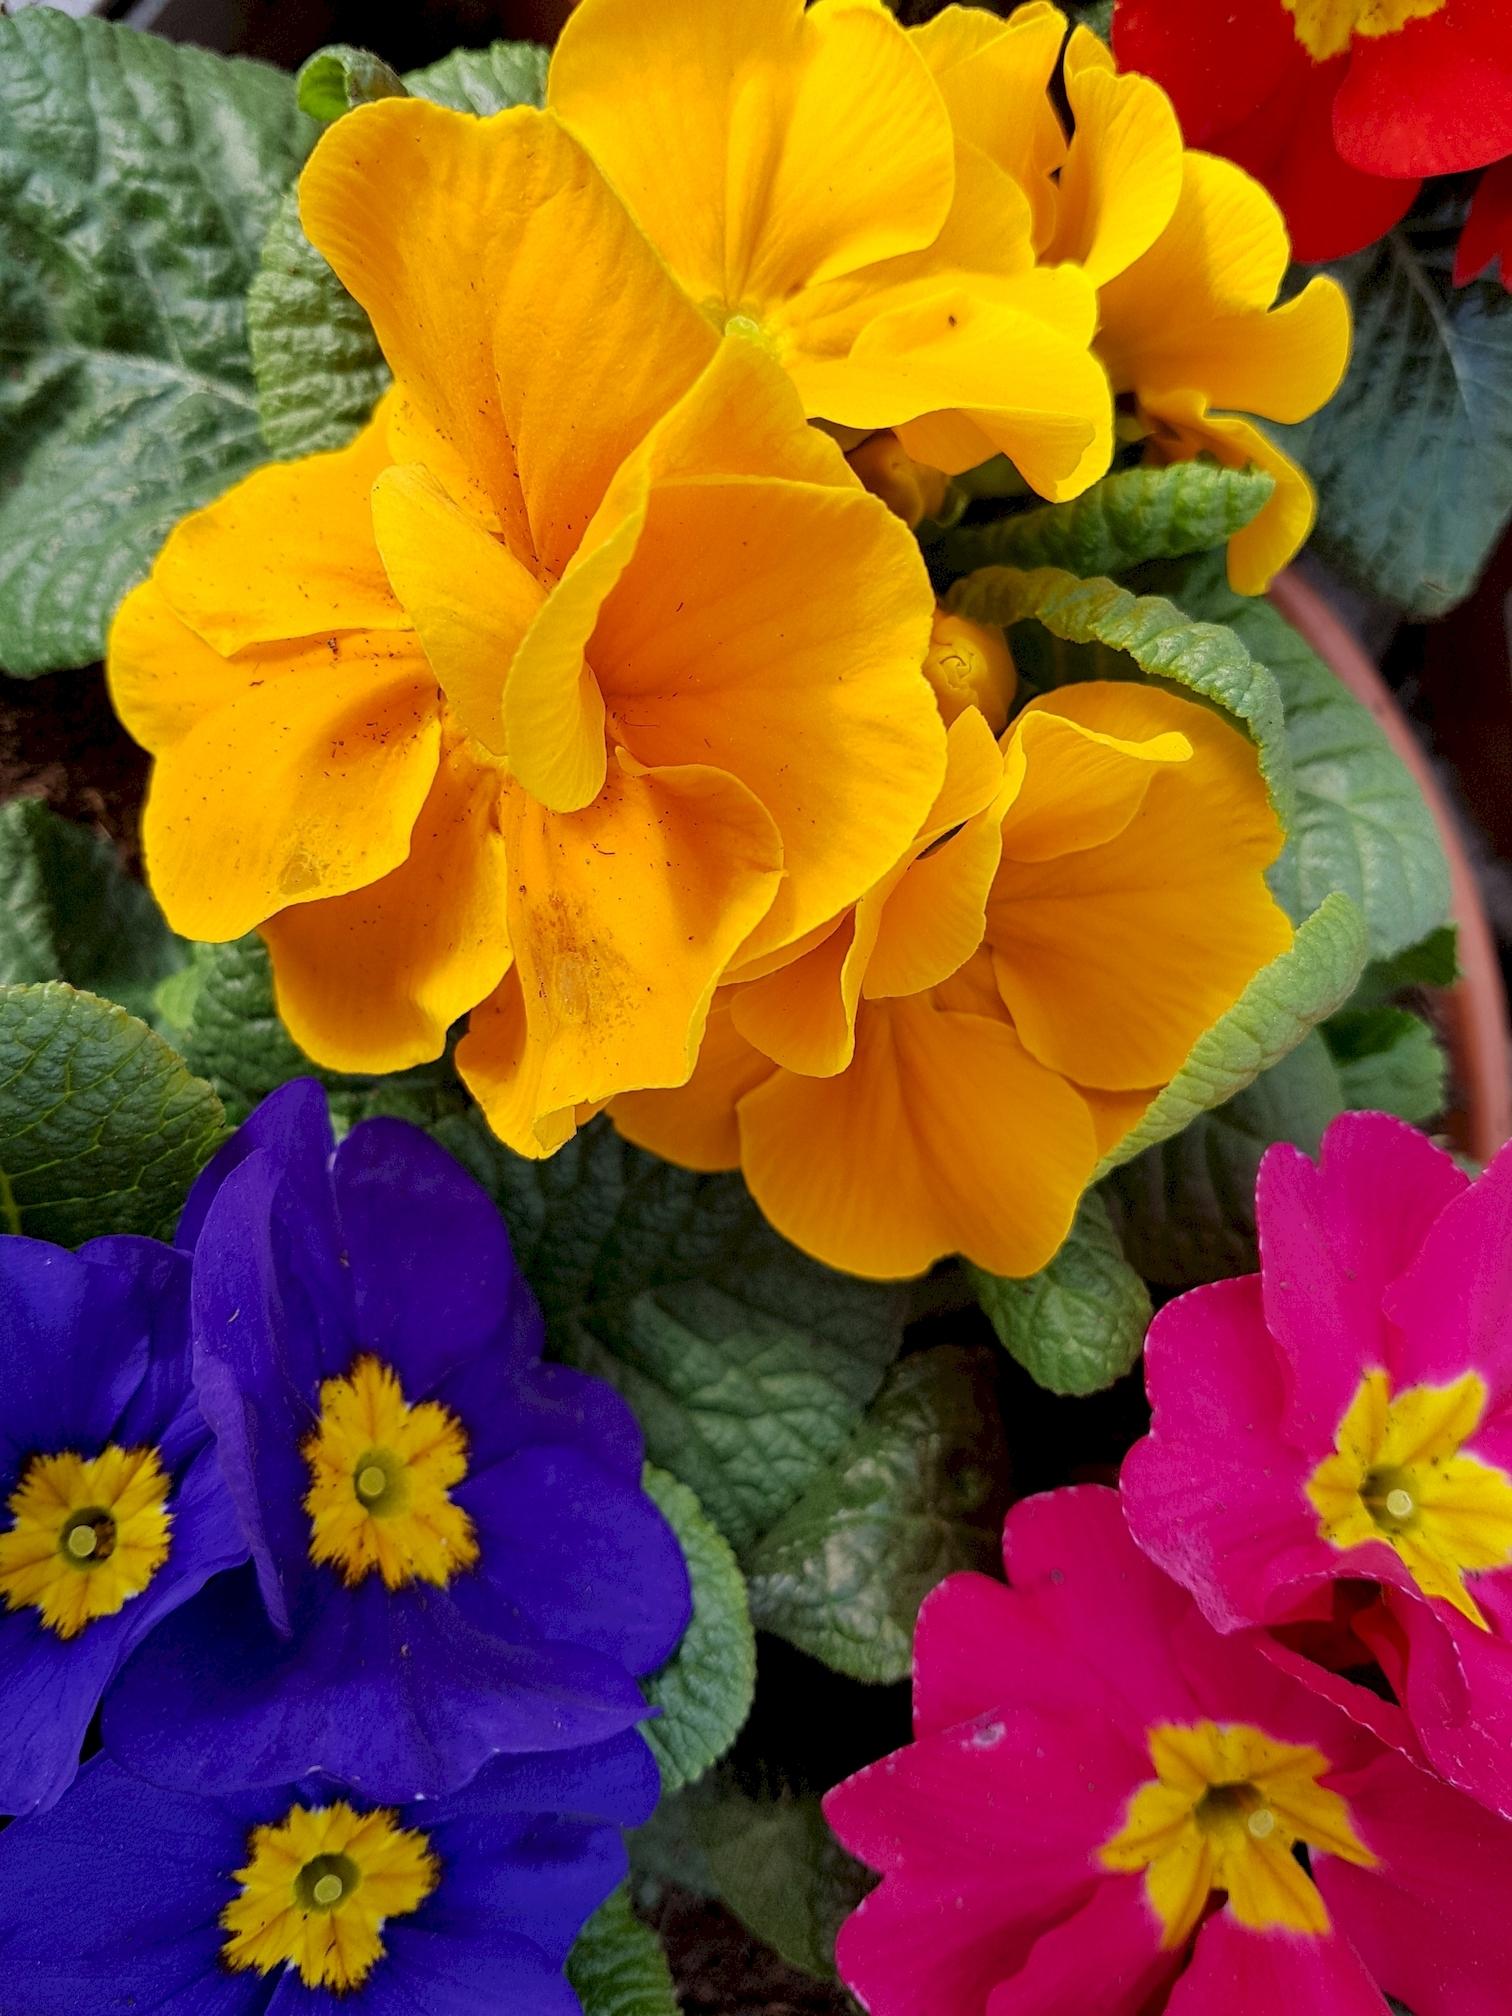 telecharger-gratuitement-des-fleurs-pour-une-tablette